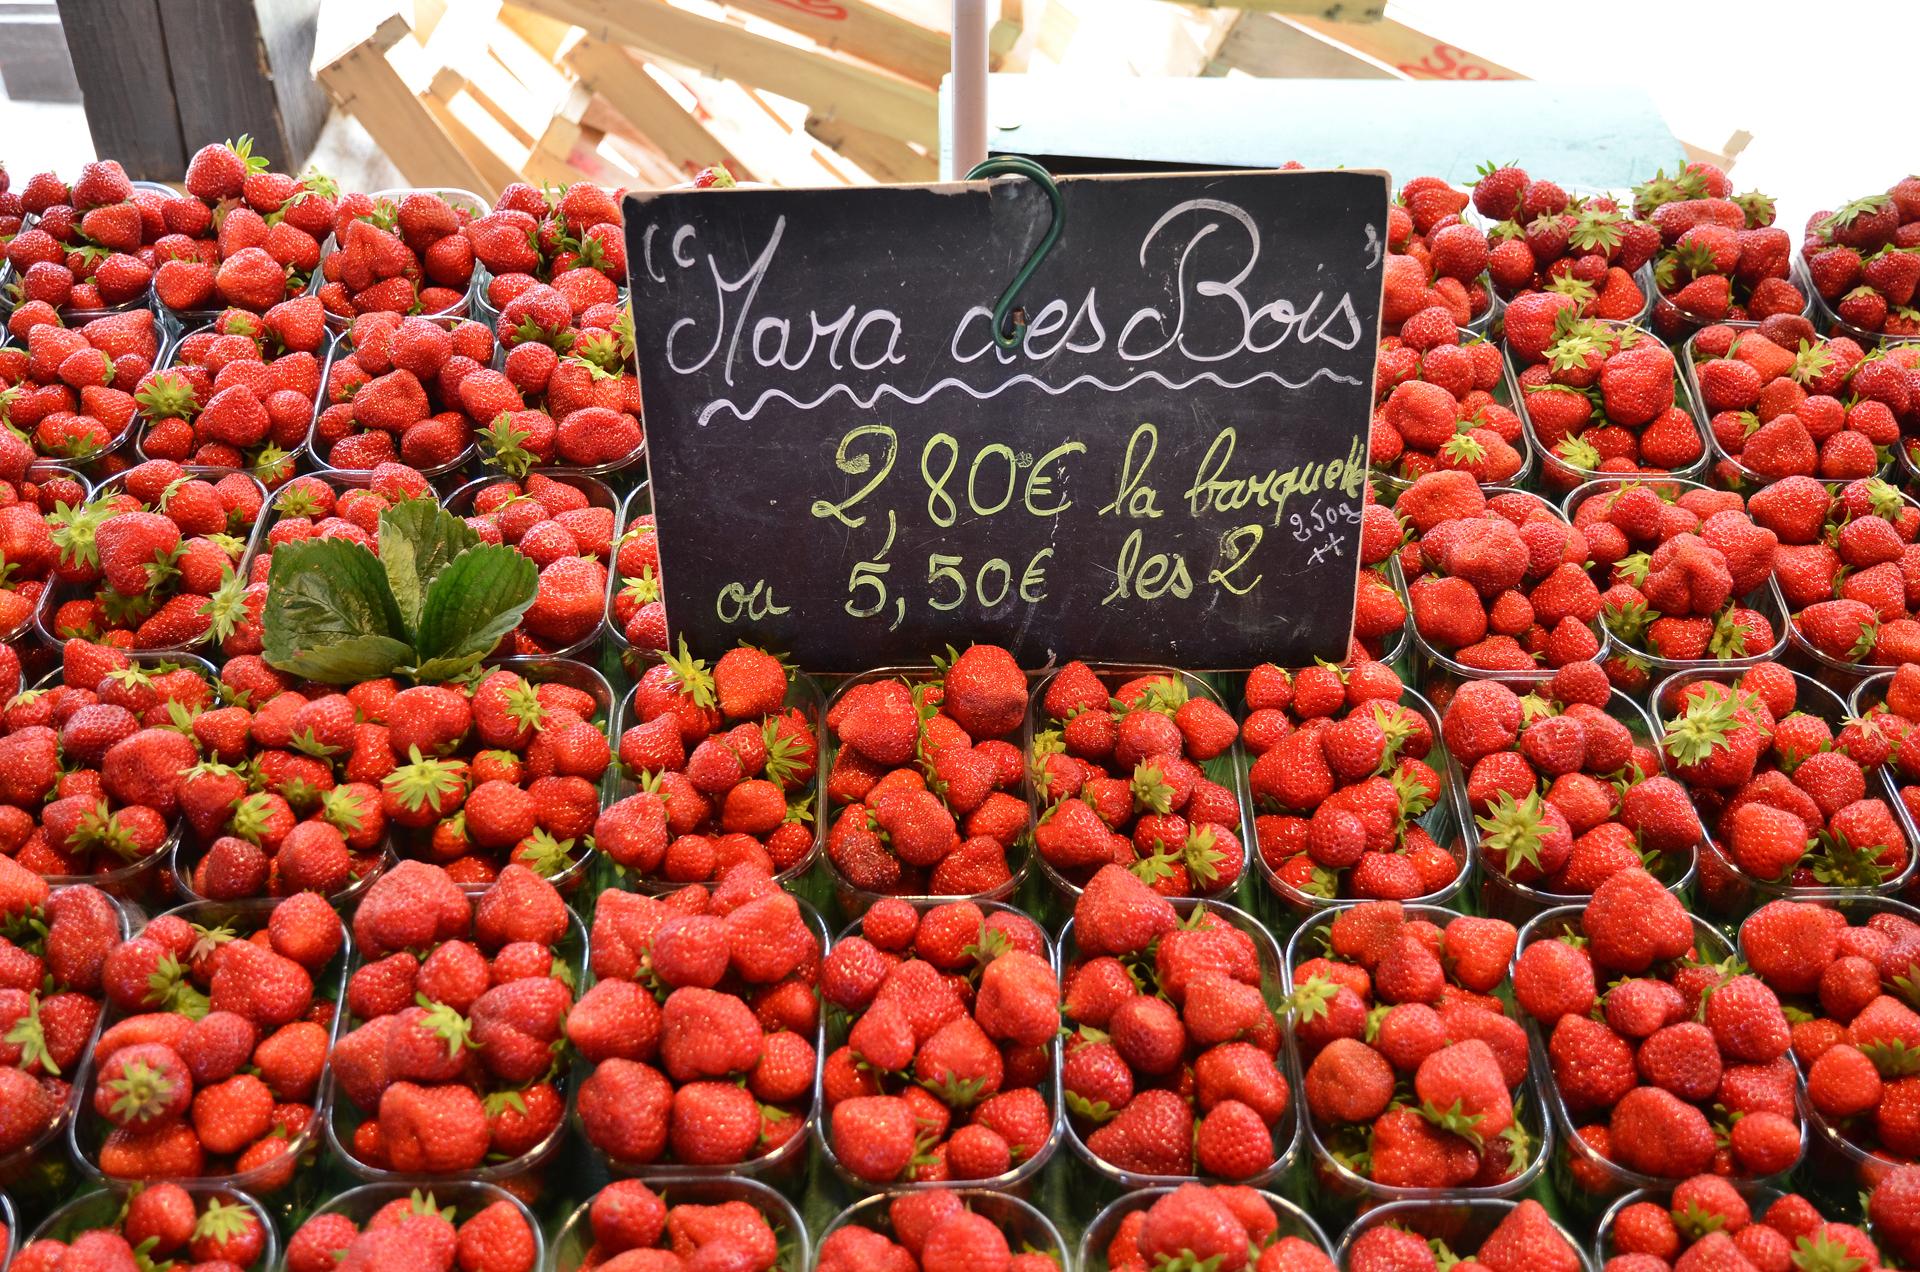 Клубника мара де буа: описание ремонтантного сорта, выращивание и размножение